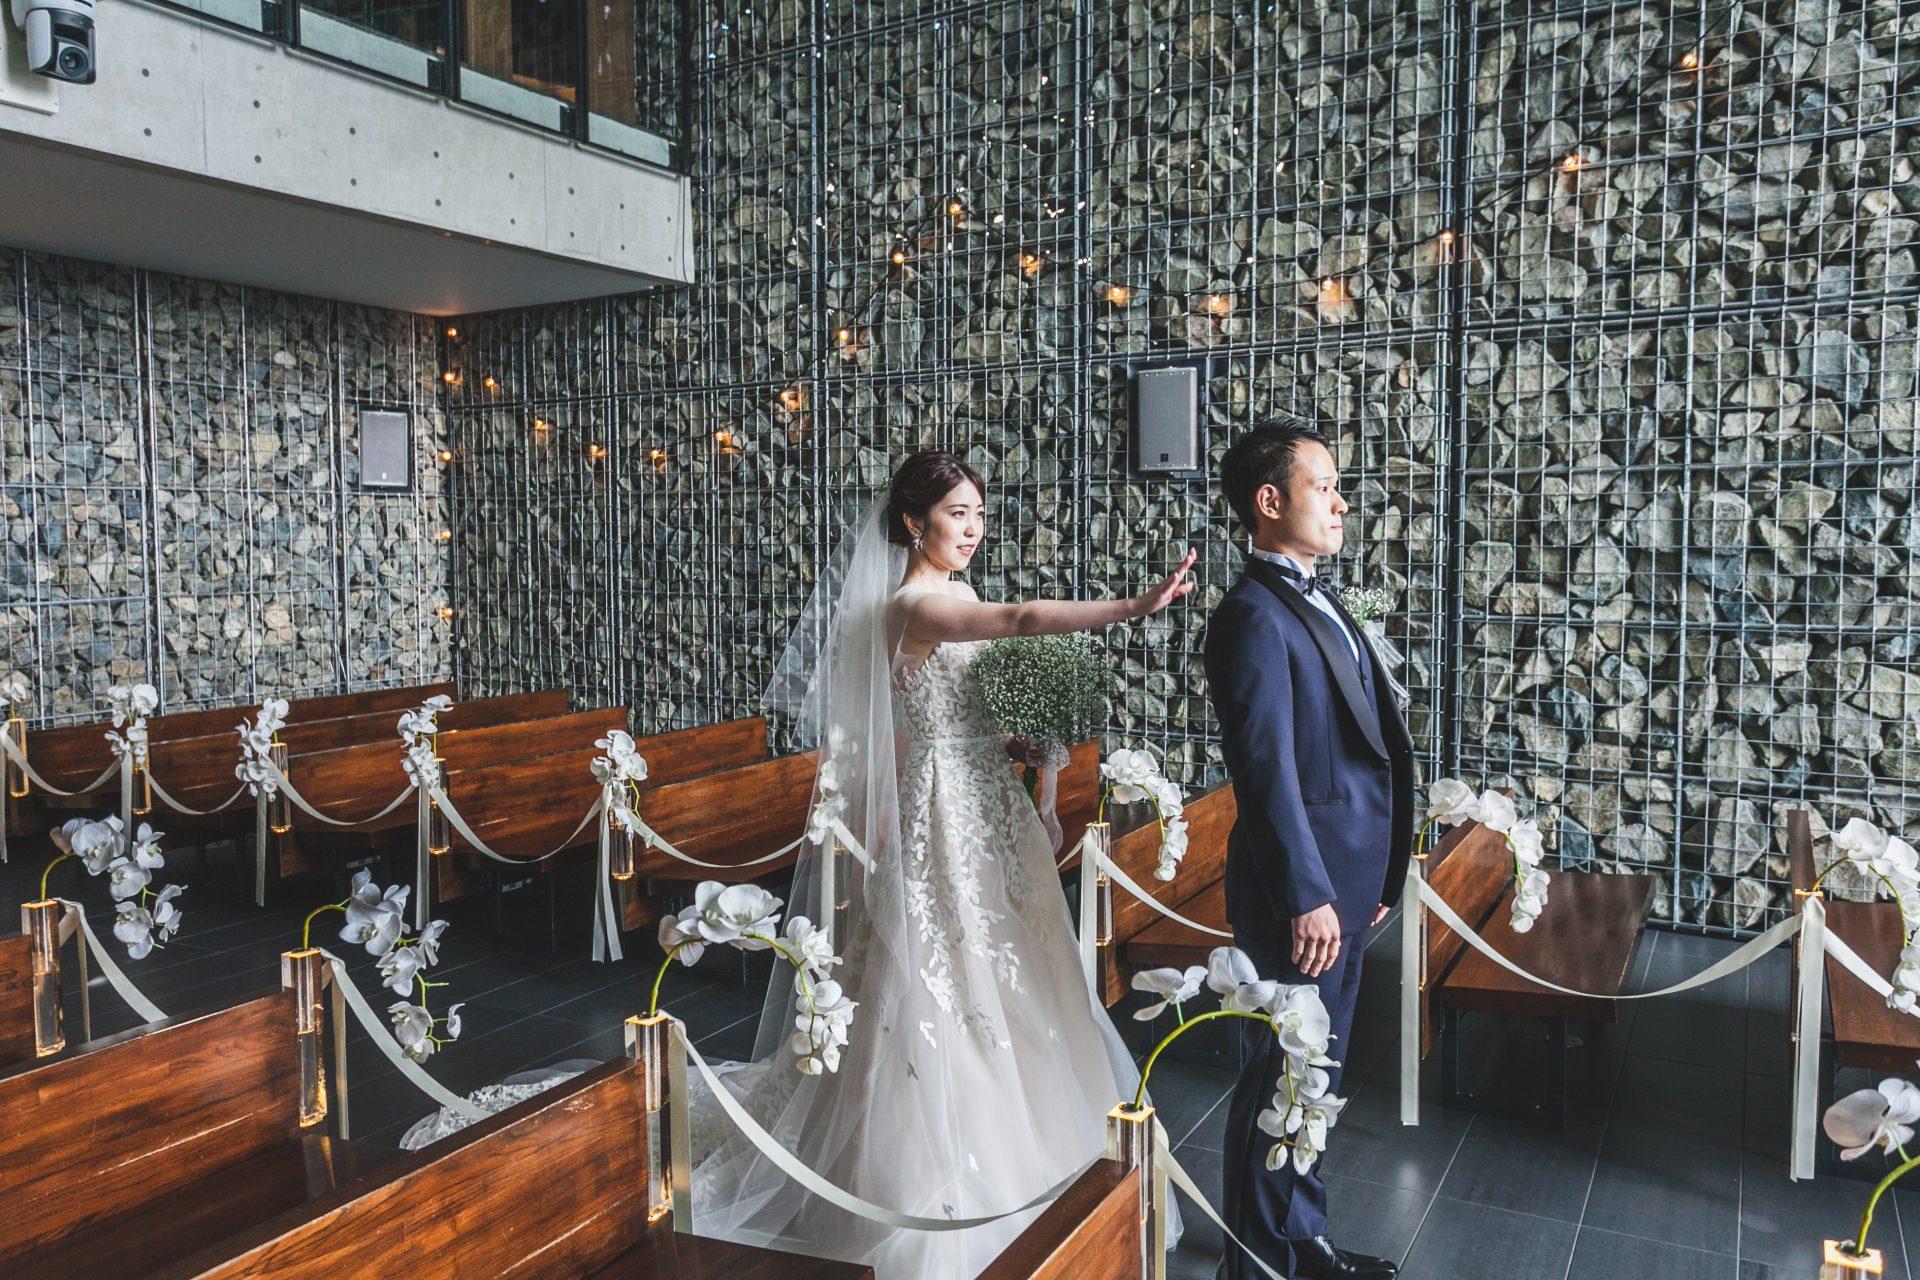 THE TREAT DRESSING神戸店がおすすめするミラズウィリンガーのウェディングドレスとミッドナイトブルーのタキシードをお召しになり北野クラブソラで前撮りをされた新郎新婦様のご紹介